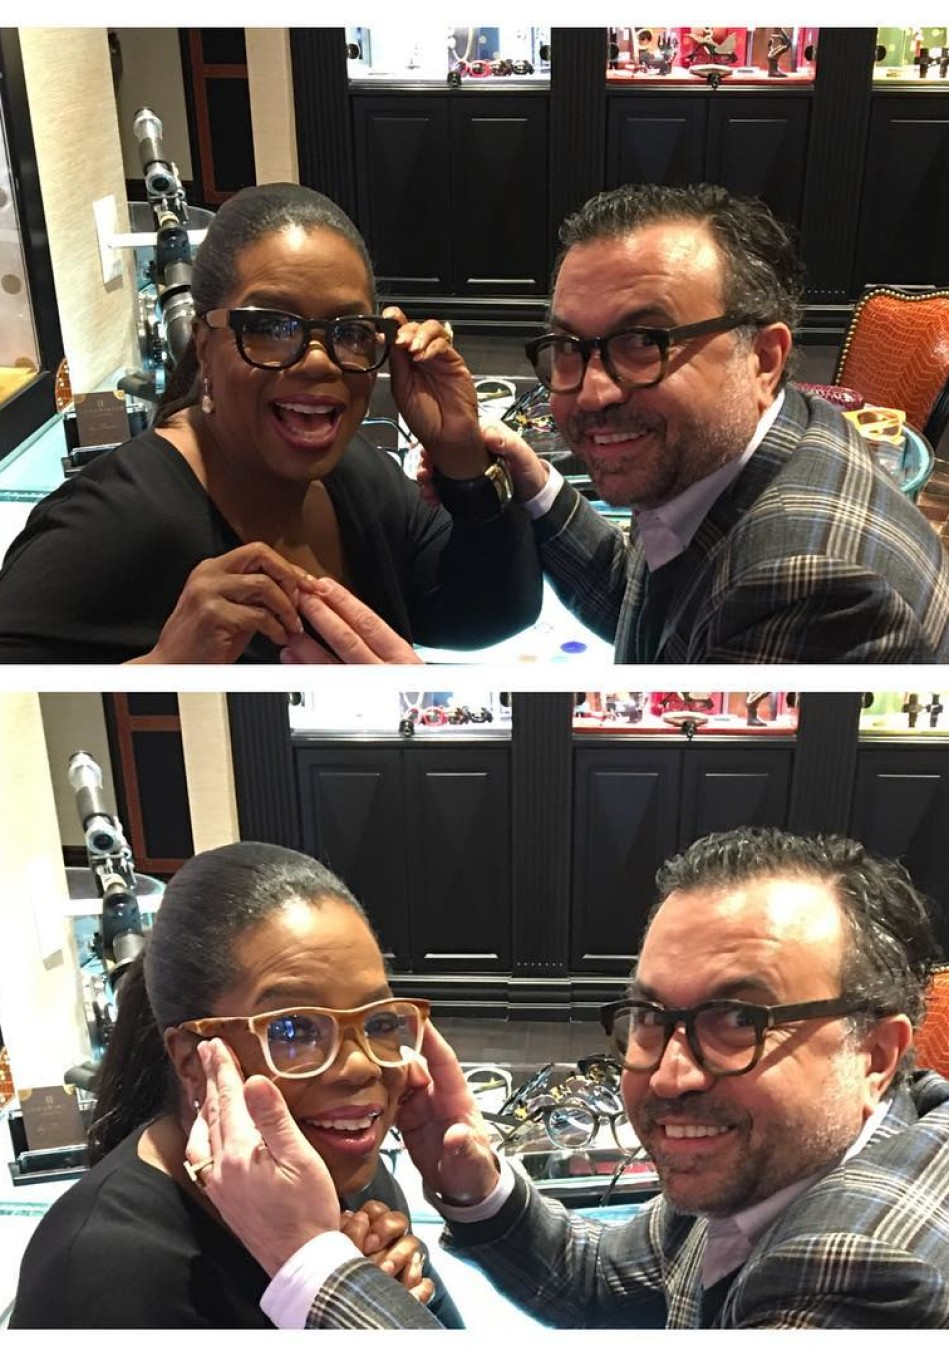 Photos Of Oprah Wearing Glasses